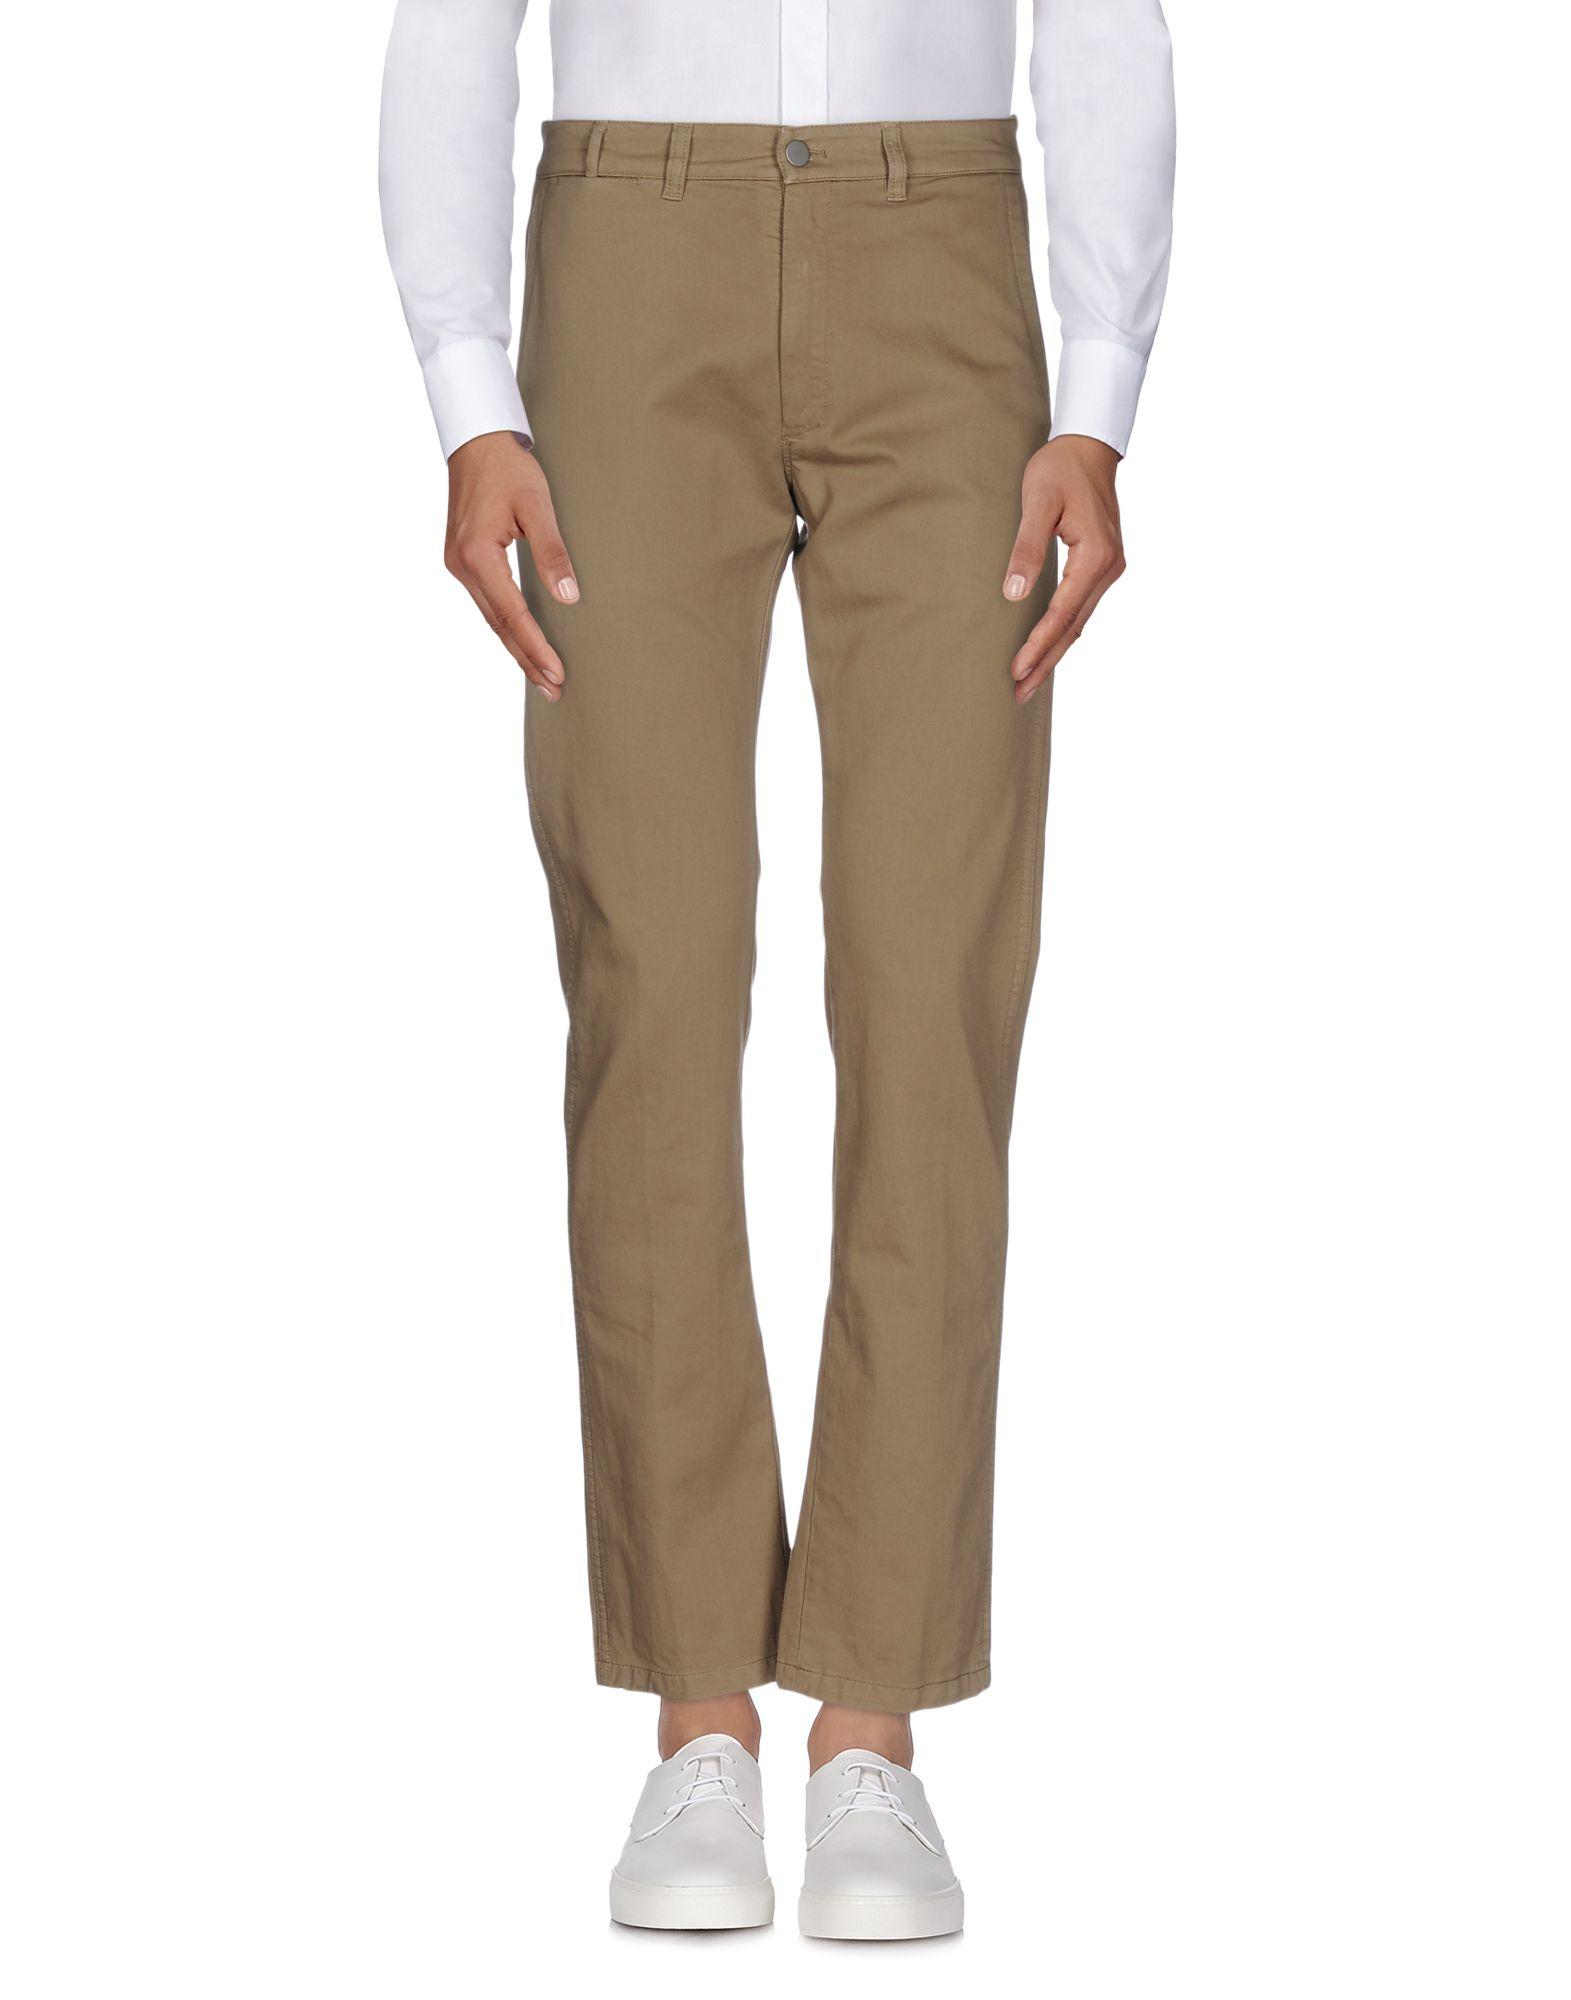 《送料無料》MAURO GRIFONI メンズ パンツ ミリタリーグリーン 50 コットン 100%